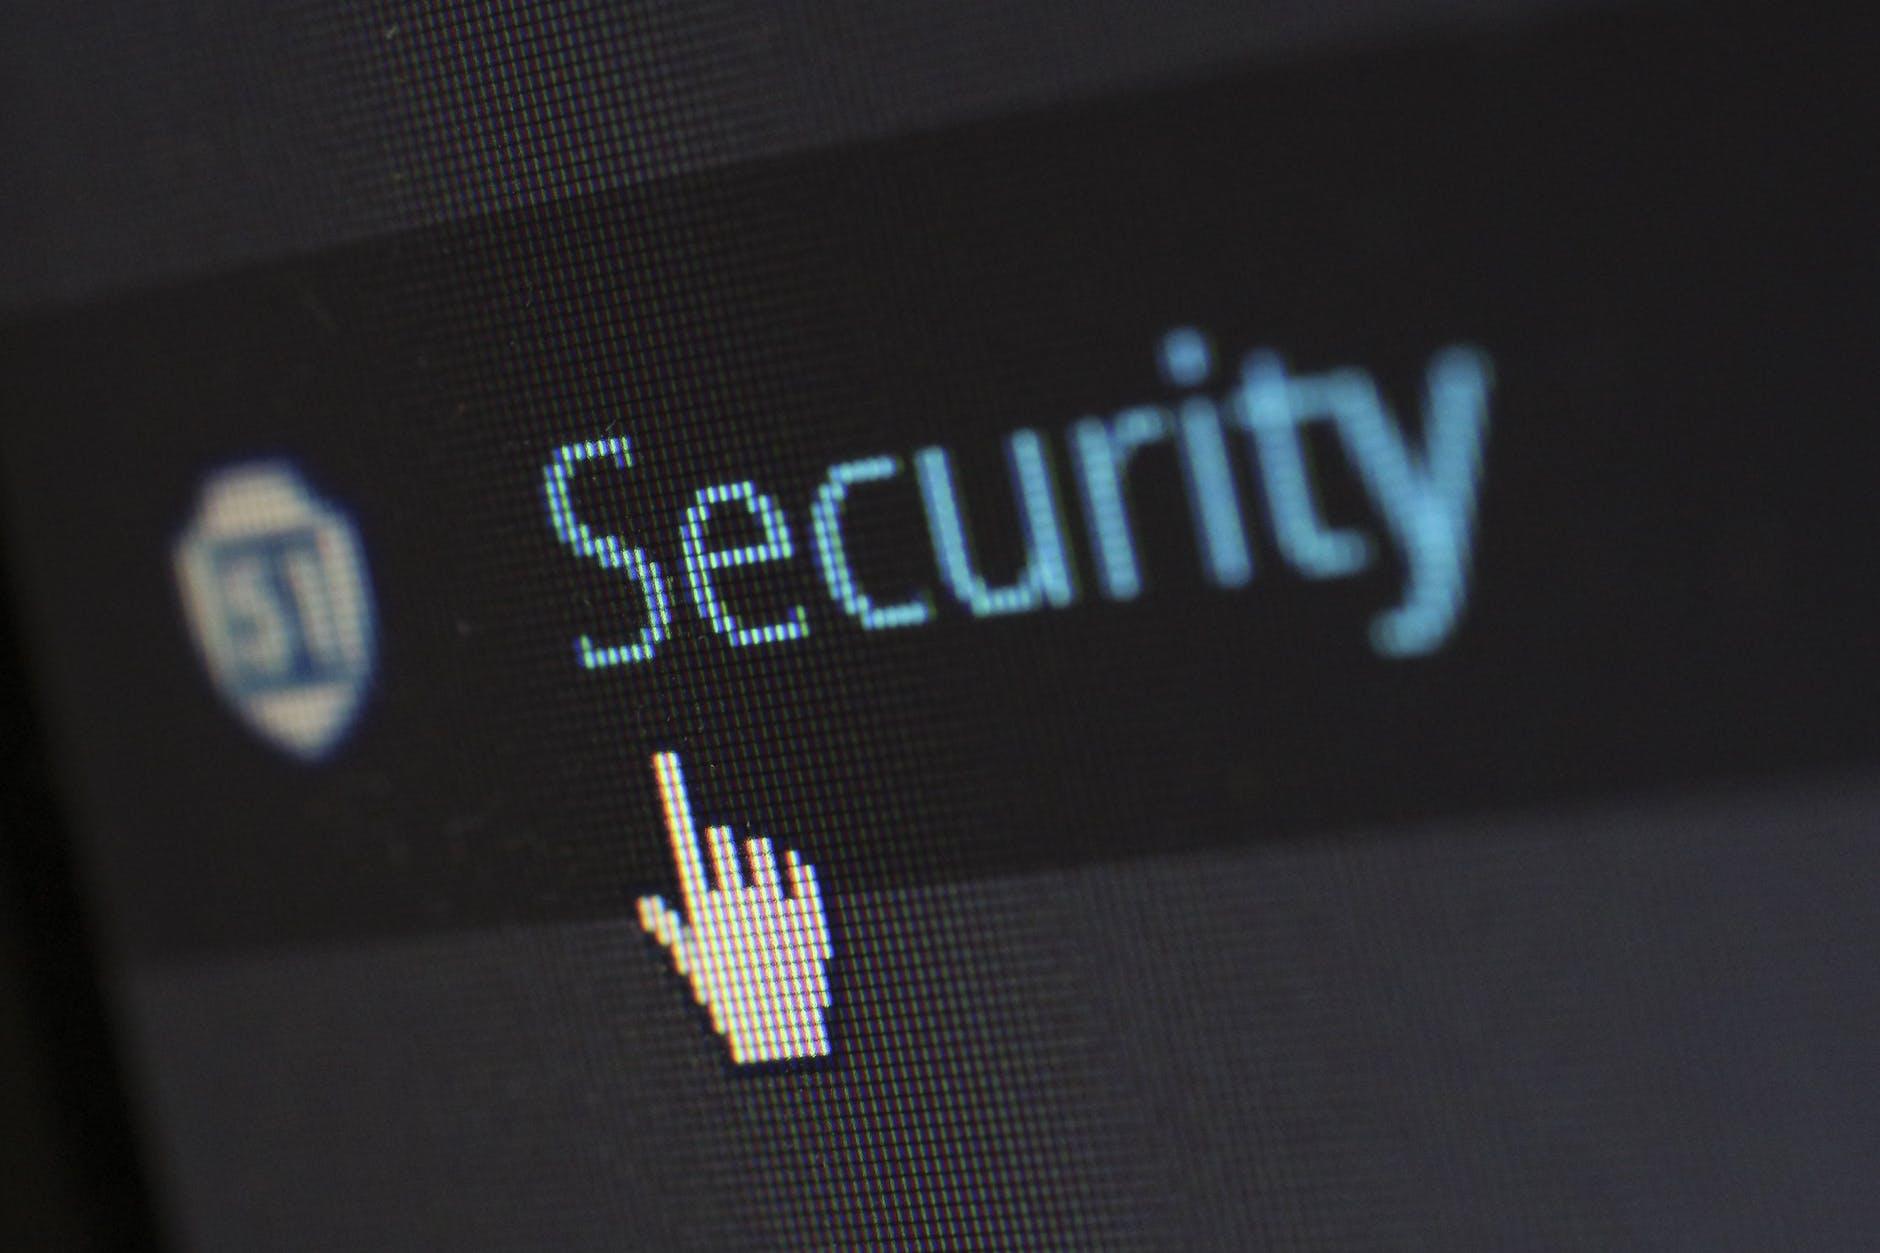 谷哥棄Cookies改用人工智慧,這樣較能保護使用者隱私?-上